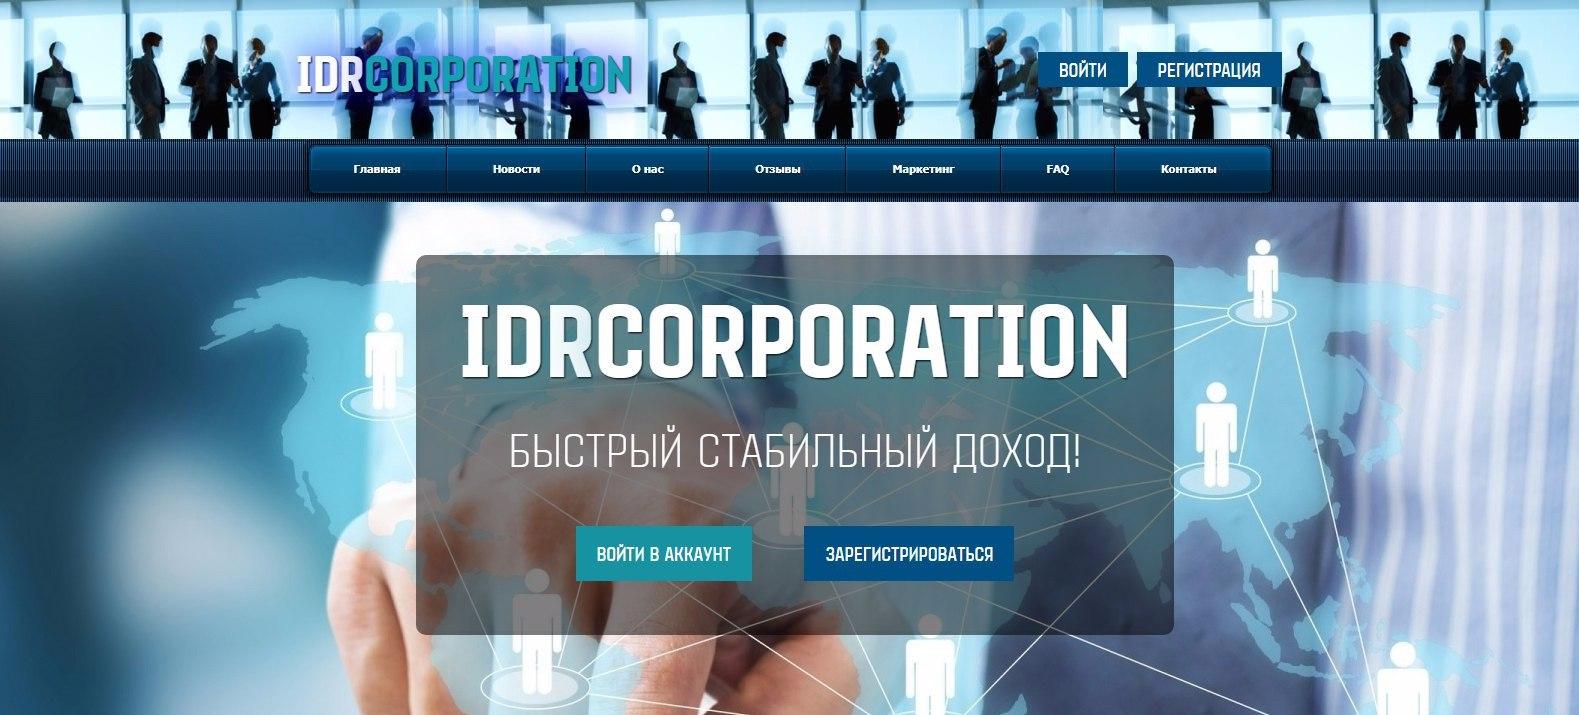 Постер к новости Idr corp